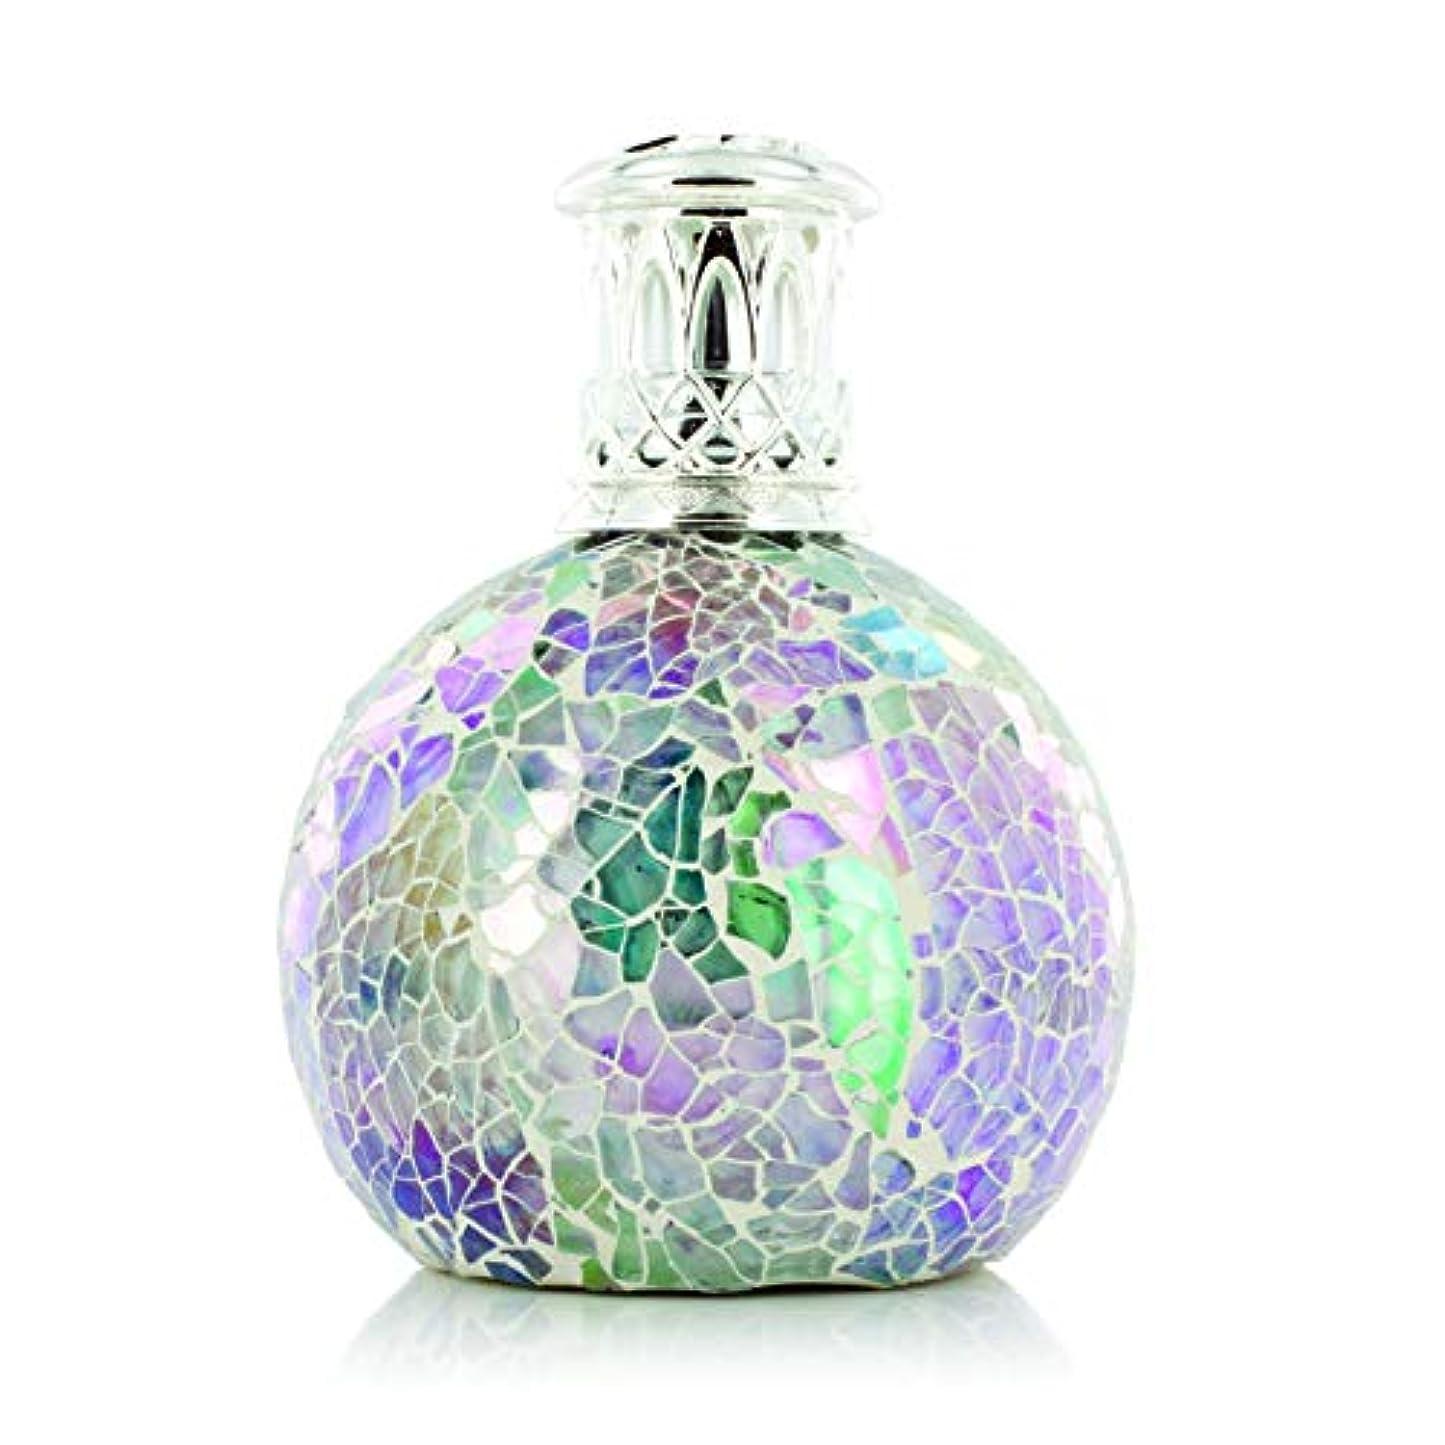 偽物等々マナーAshleigh&Burwood フレグランスランプ S フェアリーボール FragranceLamps sizeS FairyBall アシュレイ&バーウッド